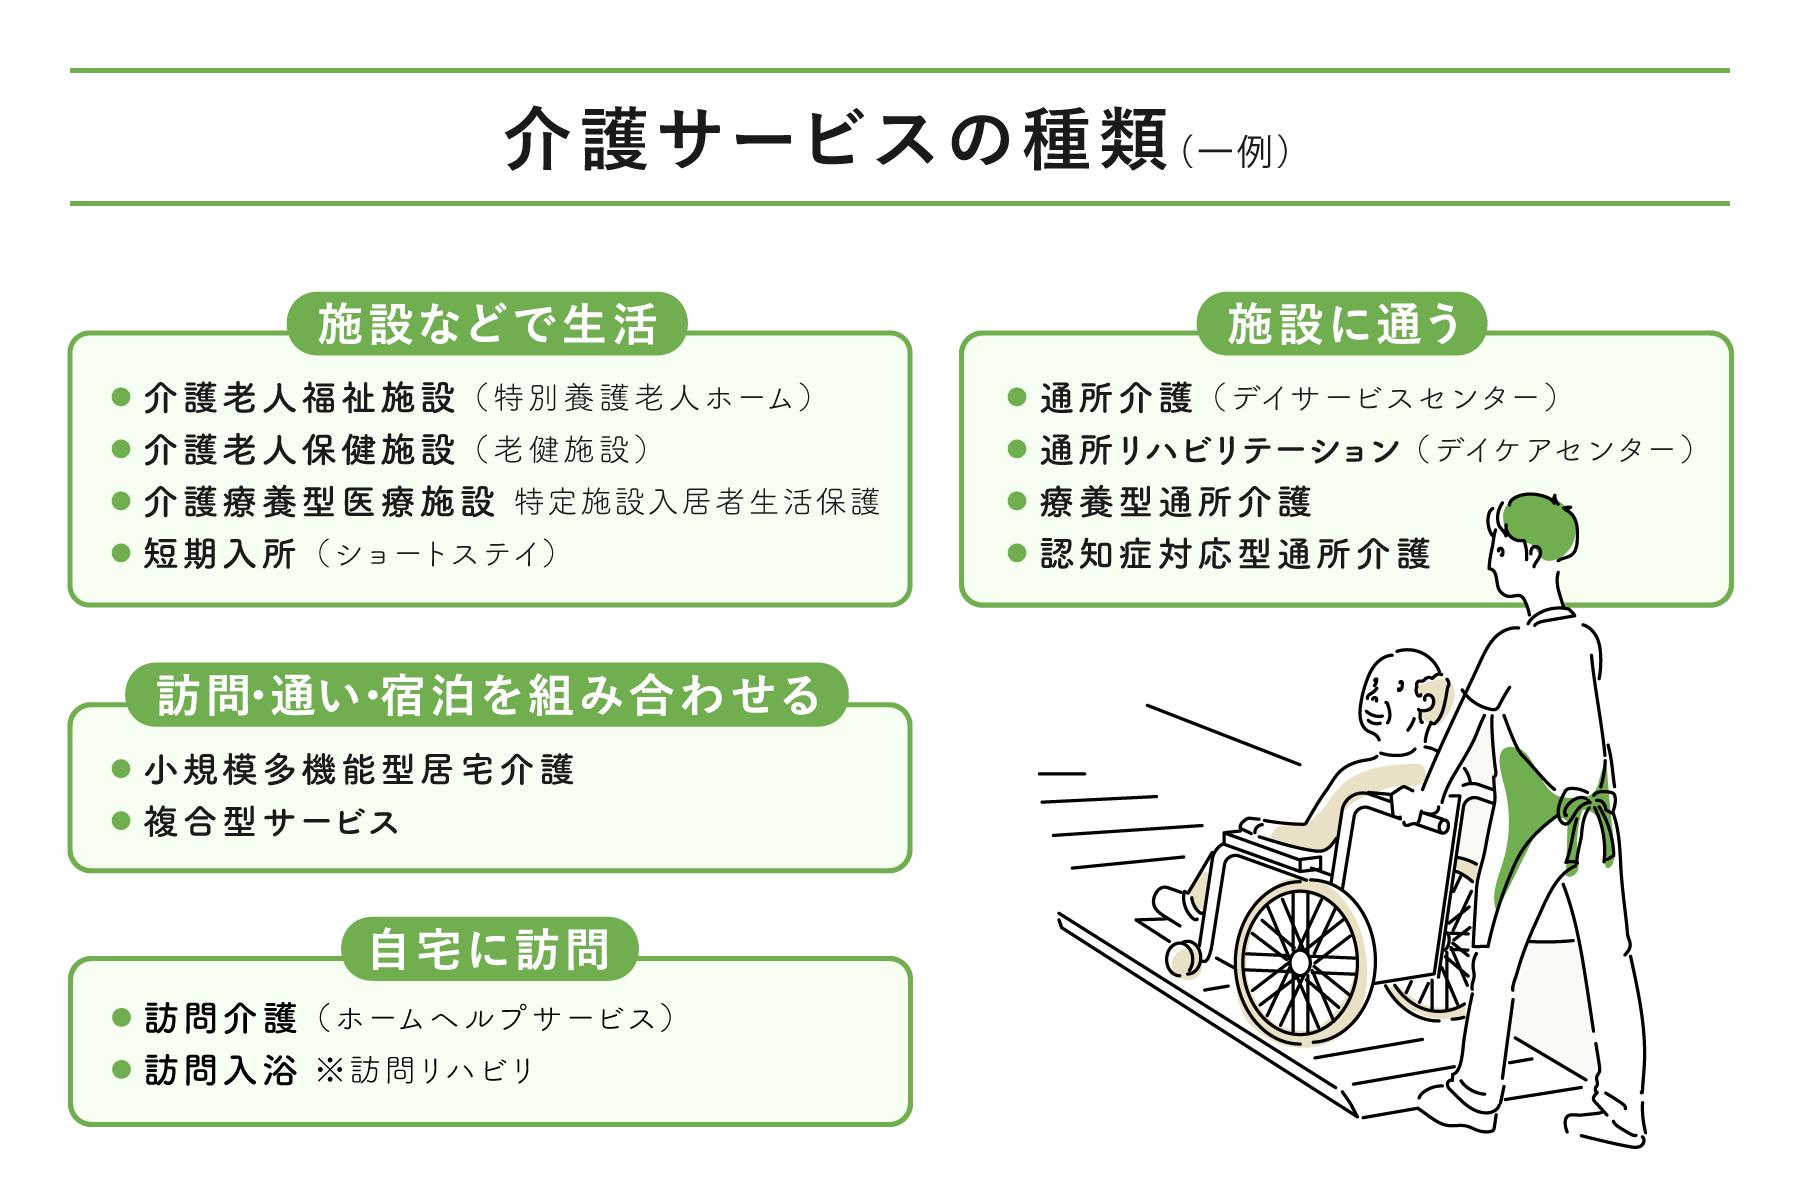 都道府県・政令市・中核市が指定・監督を行うサービス